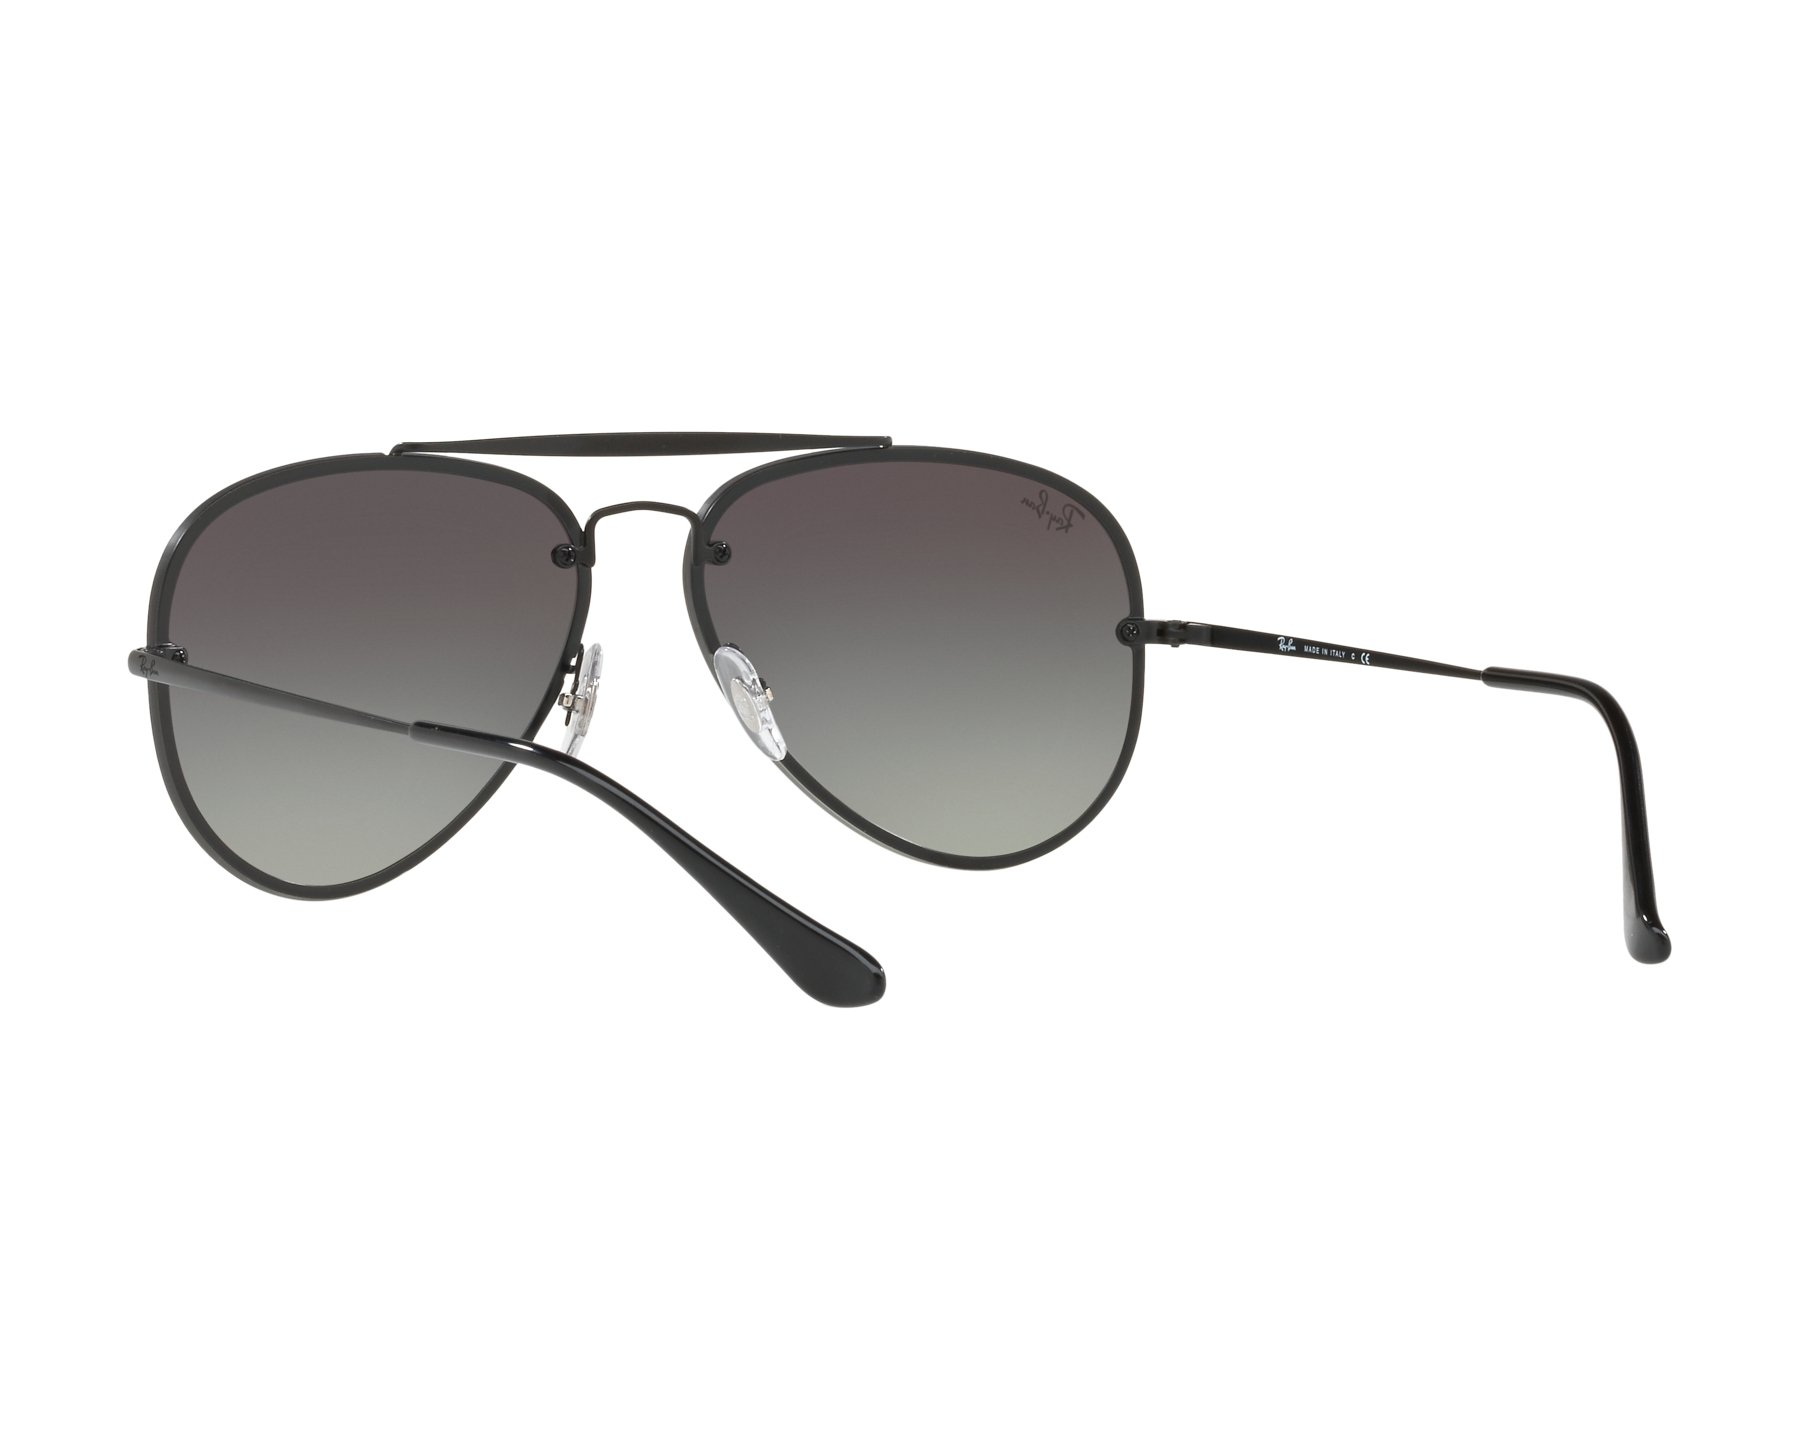 ray ban sonnenbrille rb 3584 n 153 11 schwarz visionet. Black Bedroom Furniture Sets. Home Design Ideas